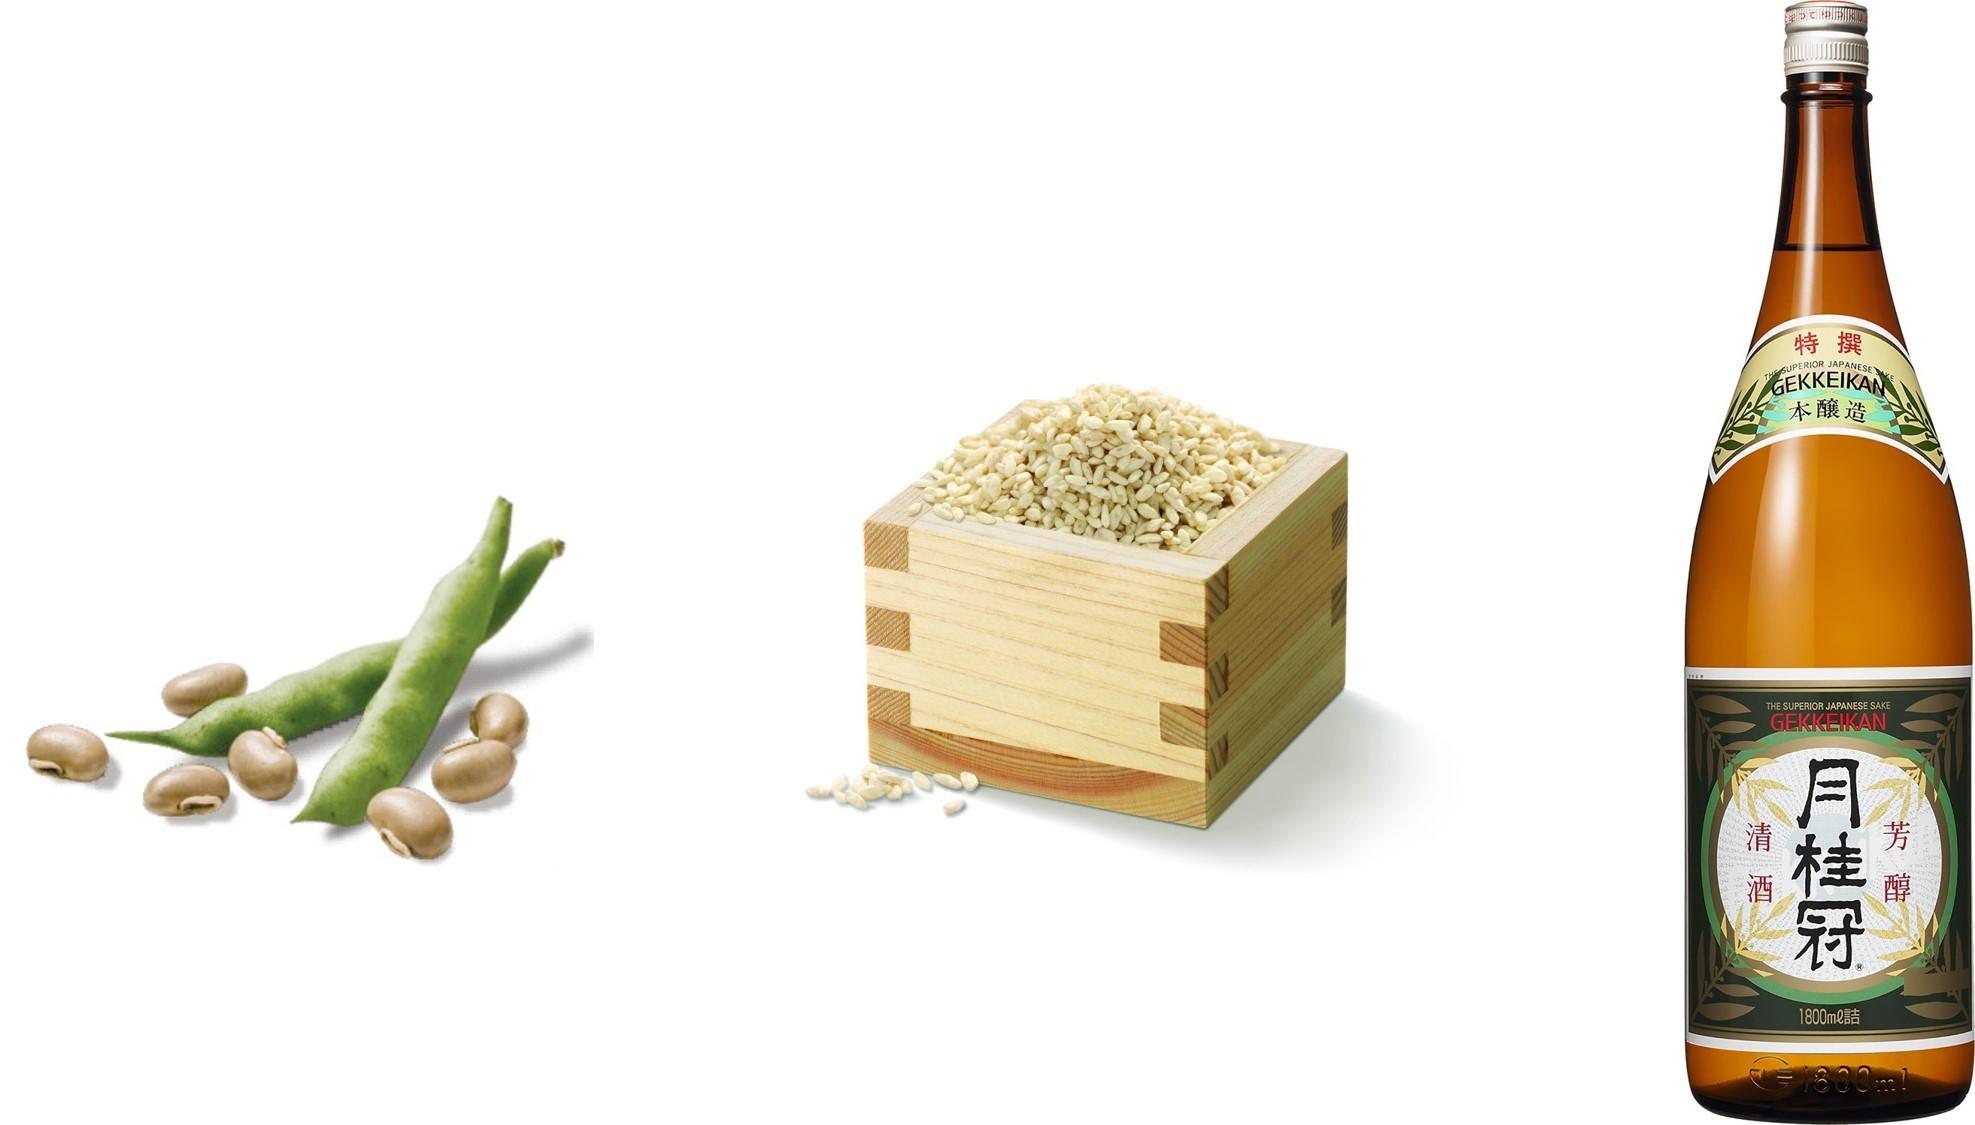 「髮の黑色素*」是透過清酒發酵技術,從豆類中提煉而成,成份天然。